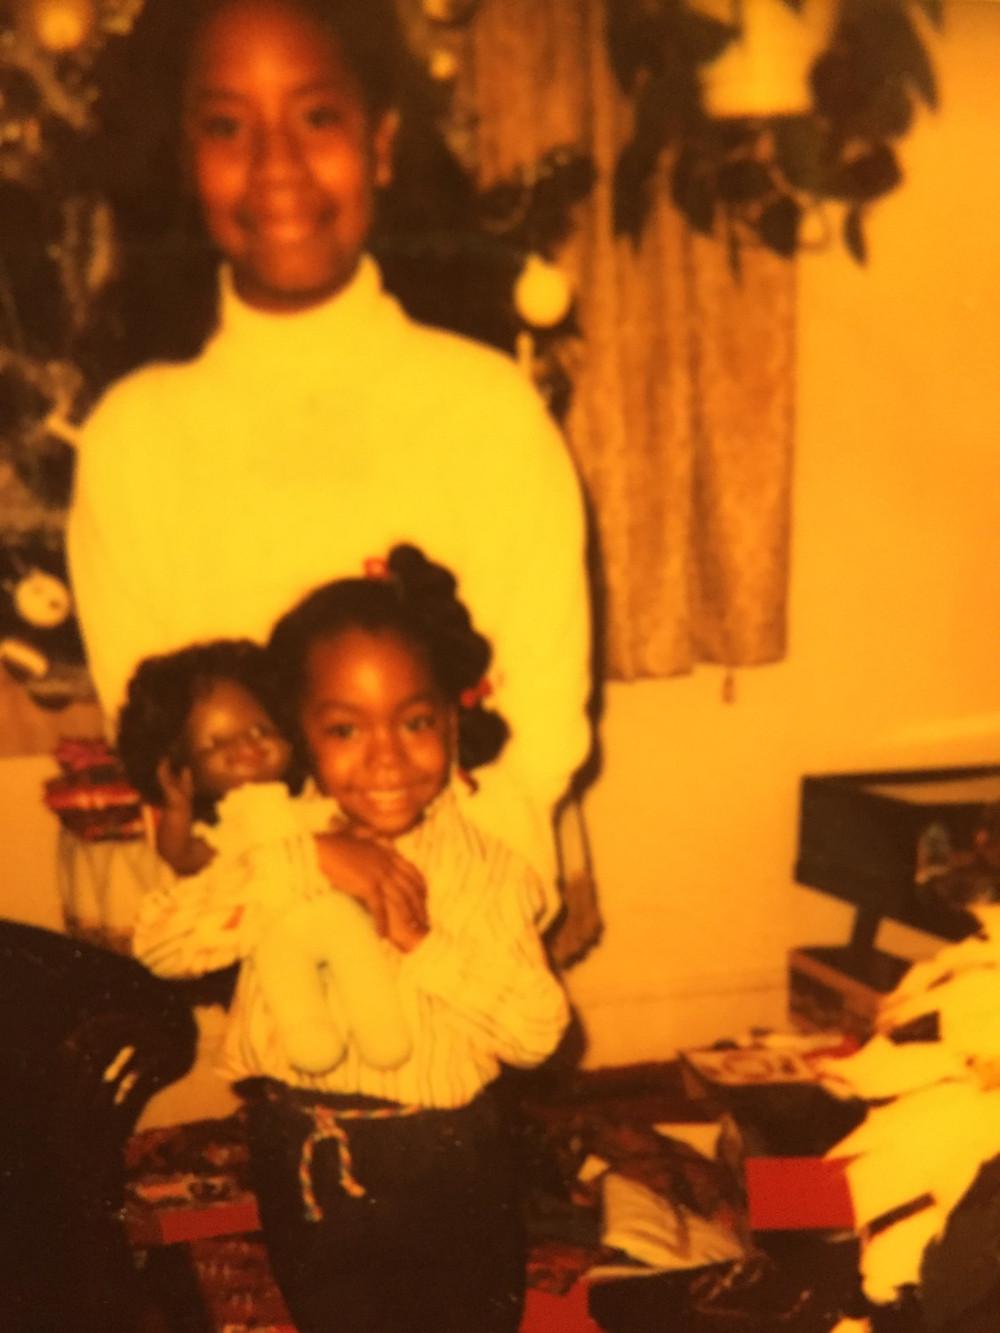 My sister and I Christmas 1983